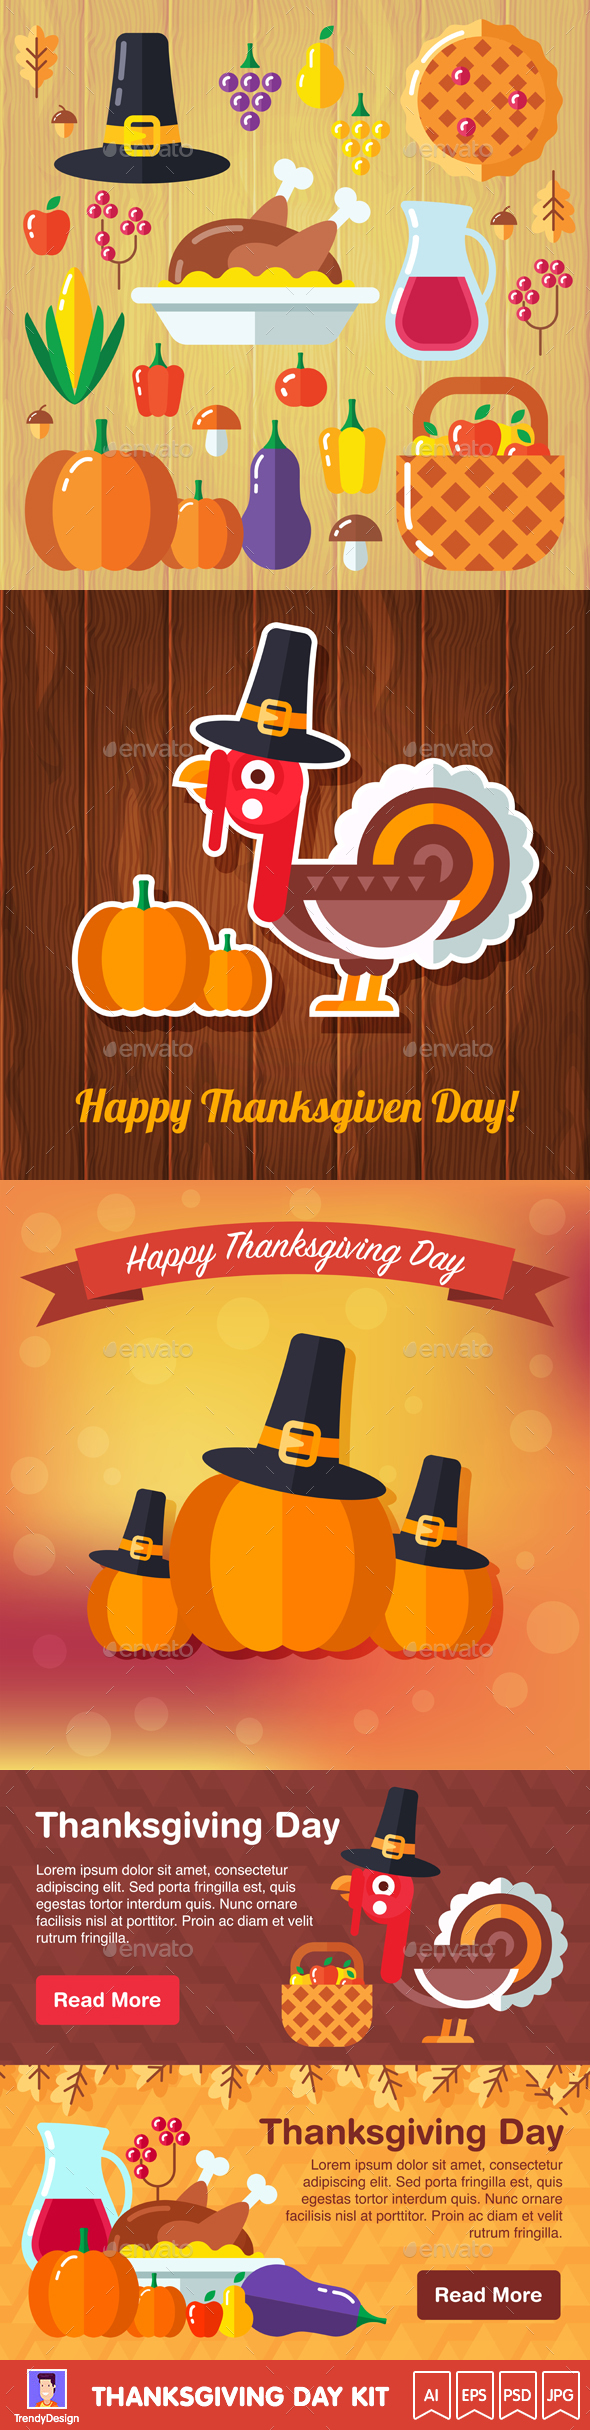 Thanksgiving Day Kit